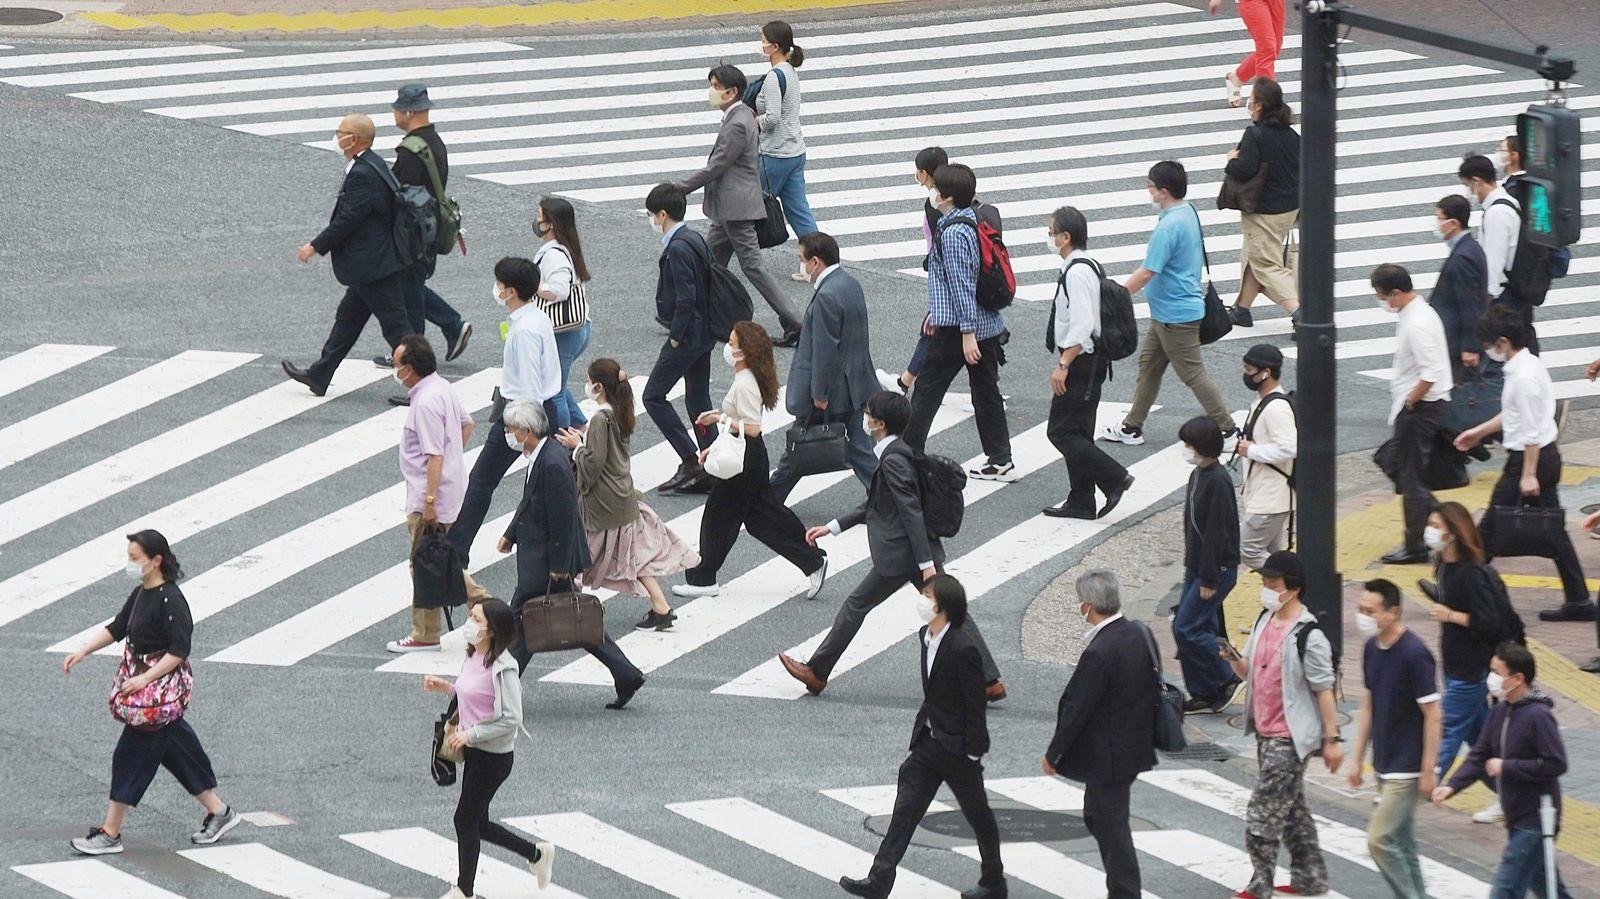 自粛を解除した日本人の「外出生活」に潜む3つのリスク 今夏の南半球の感染者数に注意